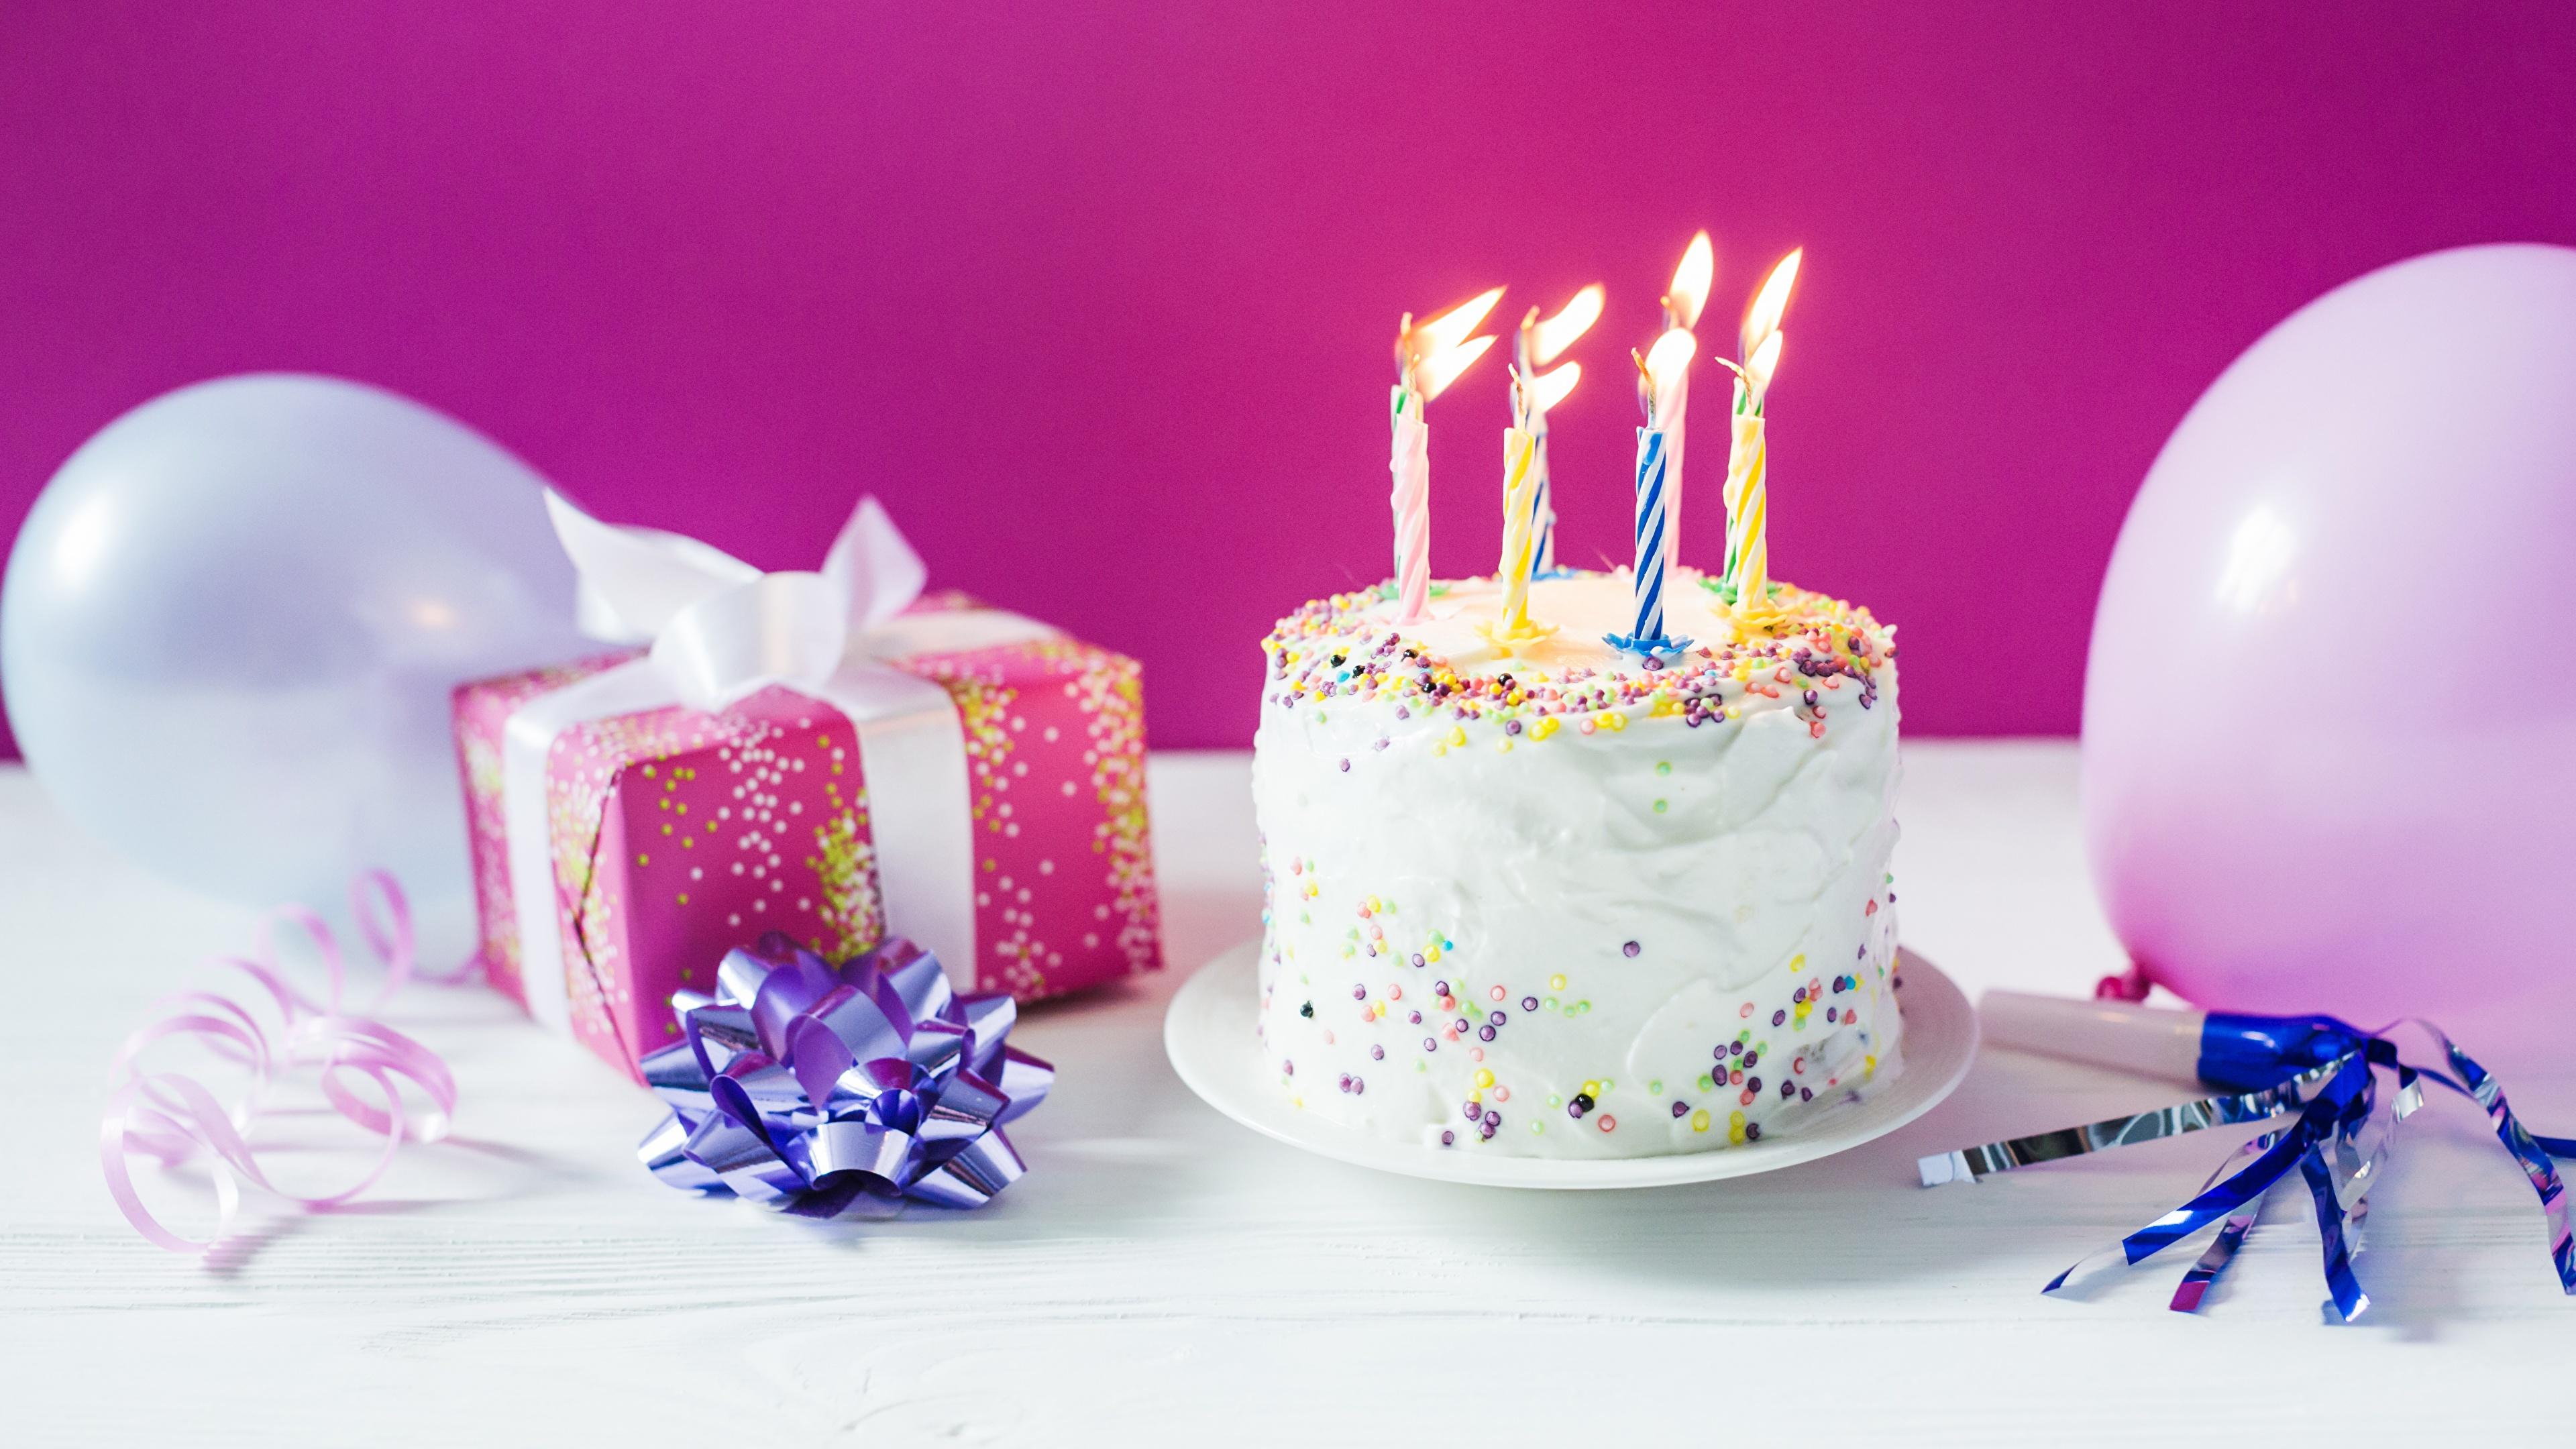 Фотография День рождения Торты подарков Пища Свечи Праздники 3840x2160 Подарки подарок Еда Продукты питания